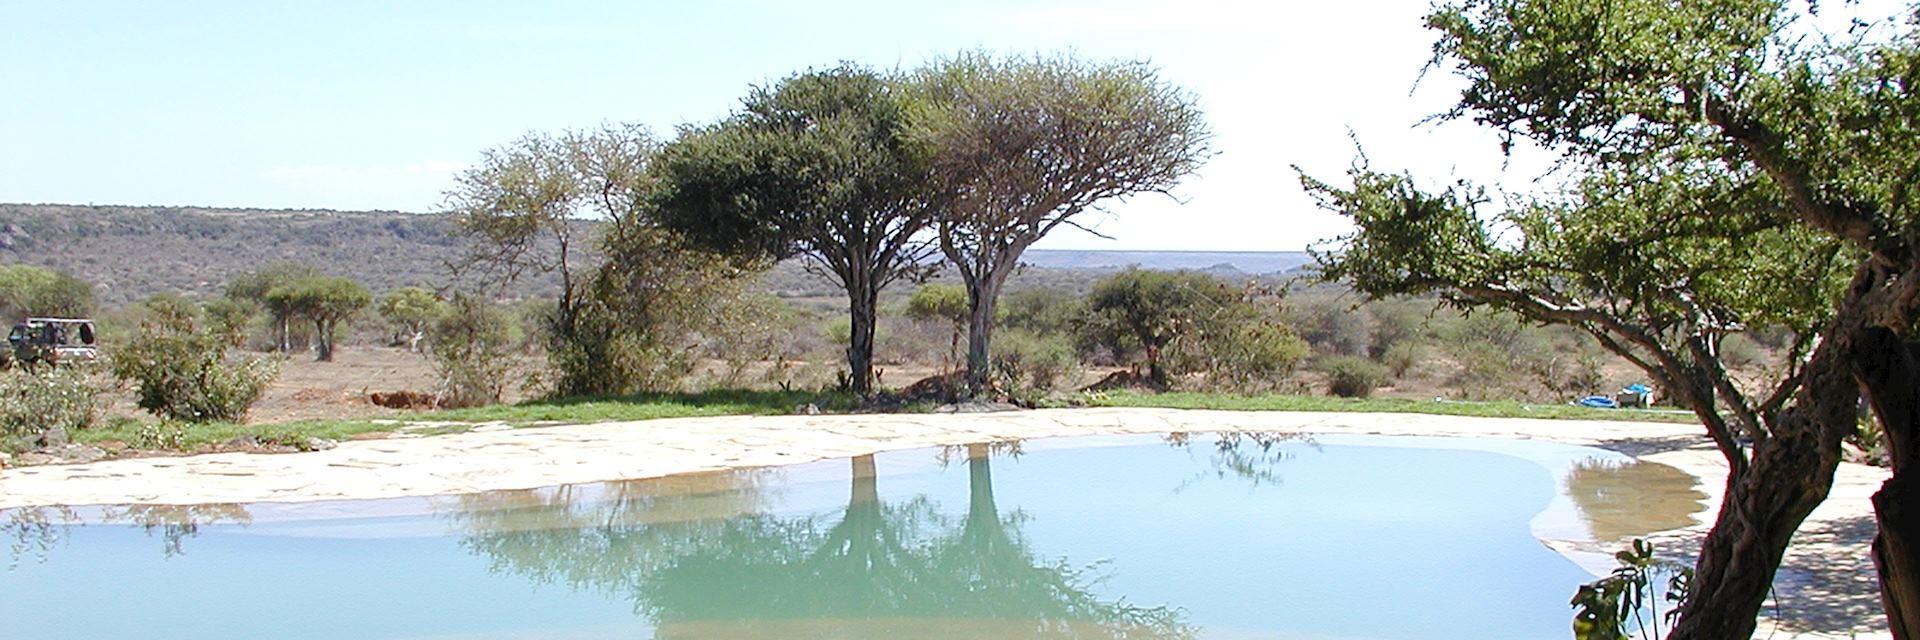 Pool at Sosian Ranch